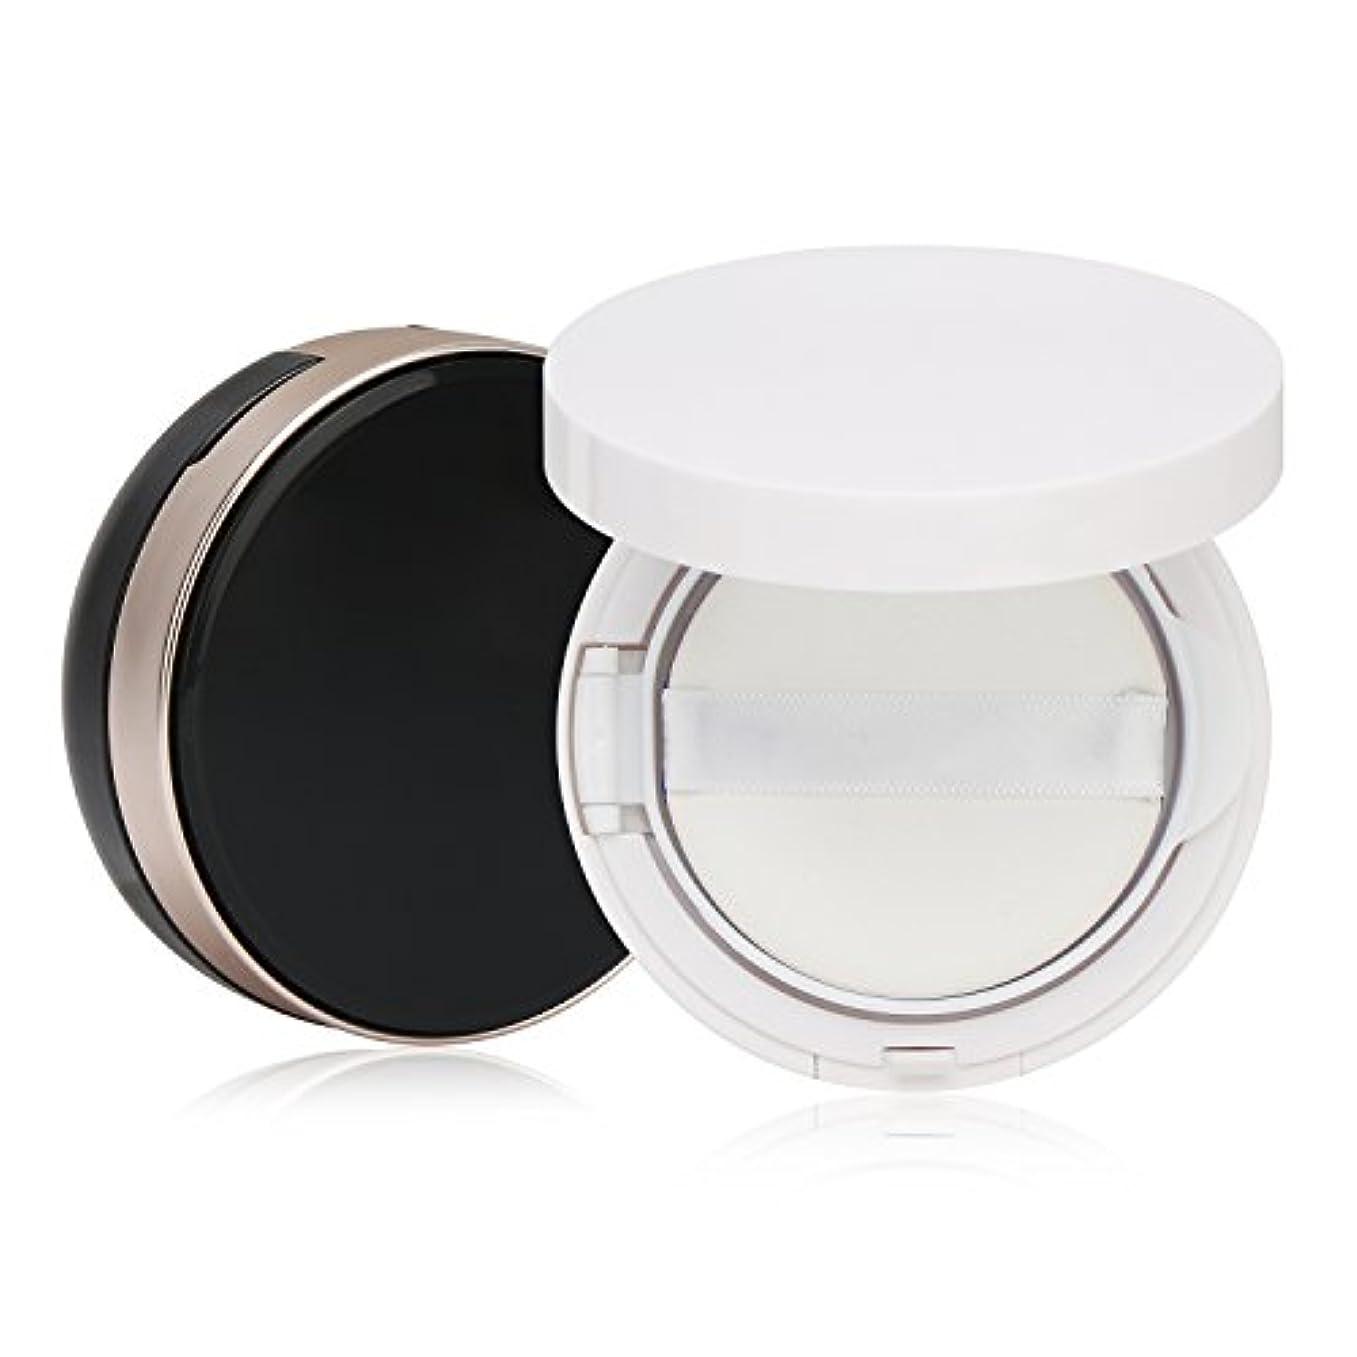 ファンタジー民兵摩擦Segbeauty エアクッションボックス パウダーコンテナ BBクリーム 化粧品 詰替え DIY 黒いと白いのセット